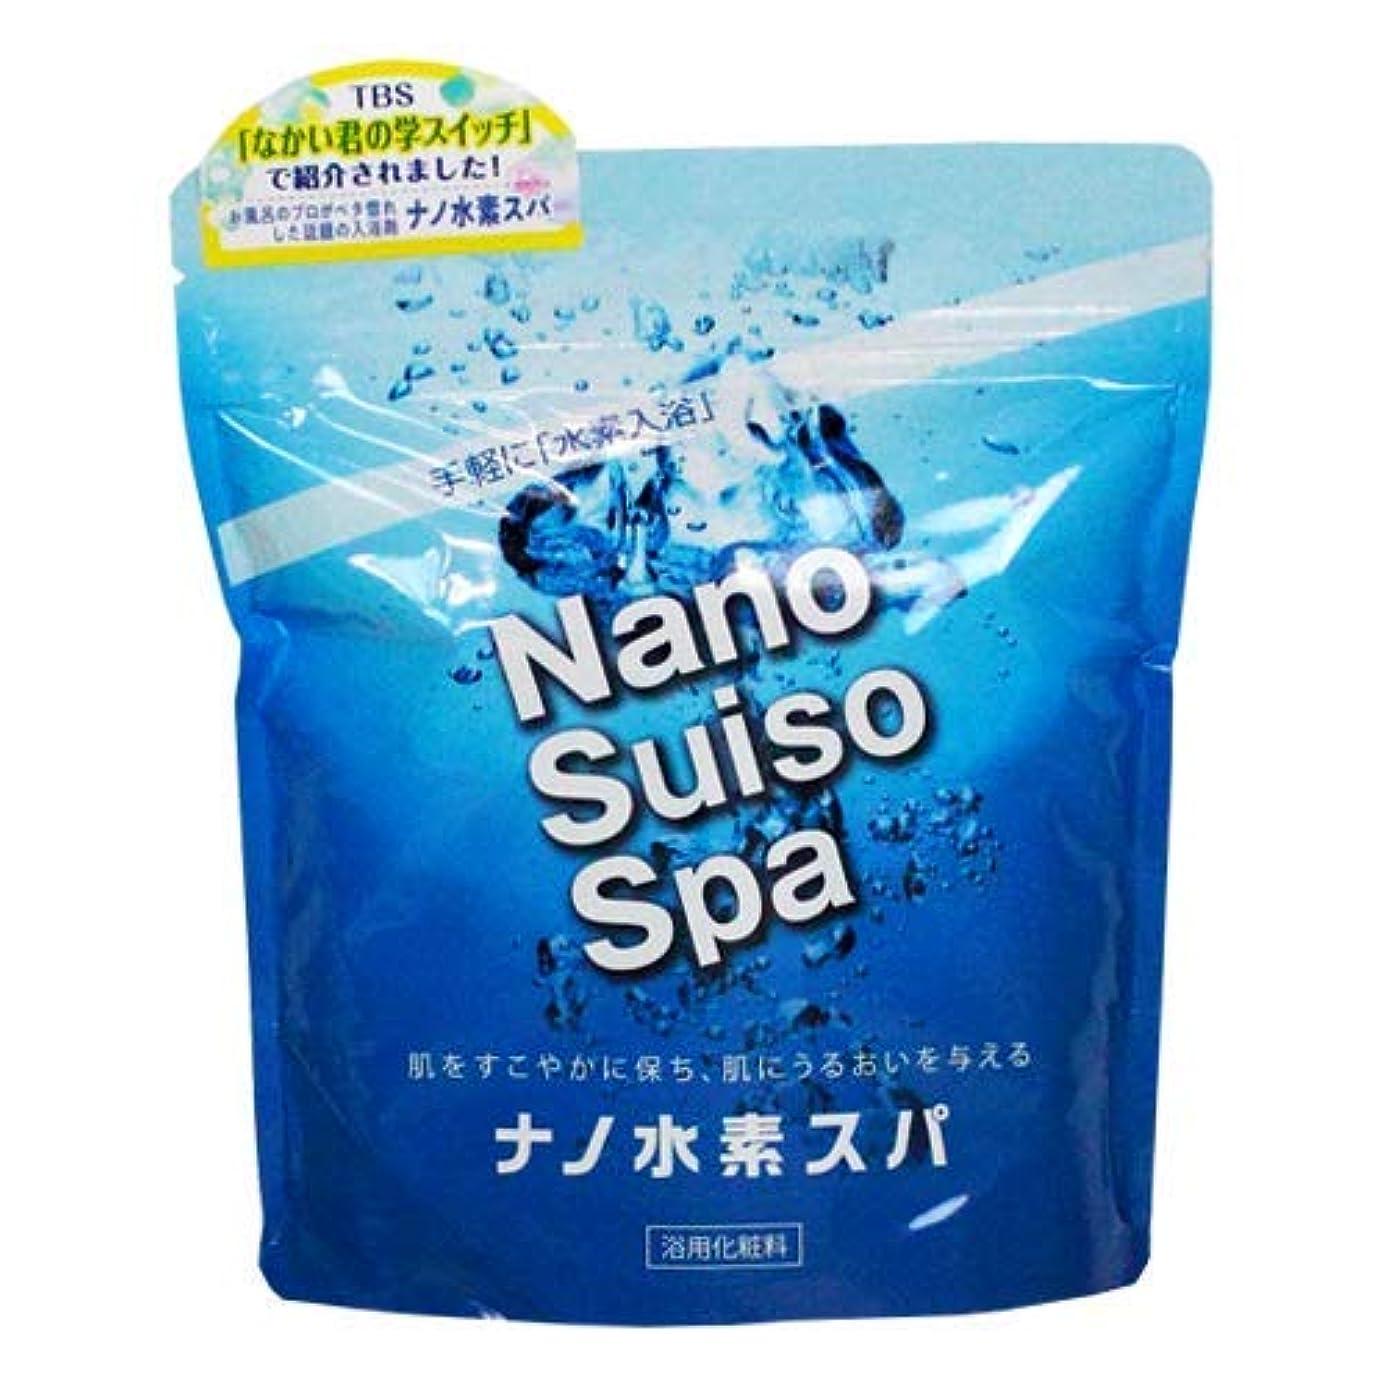 セメント規範ふりをするナノ水素スパ1000g 高濃度水素発生入浴用